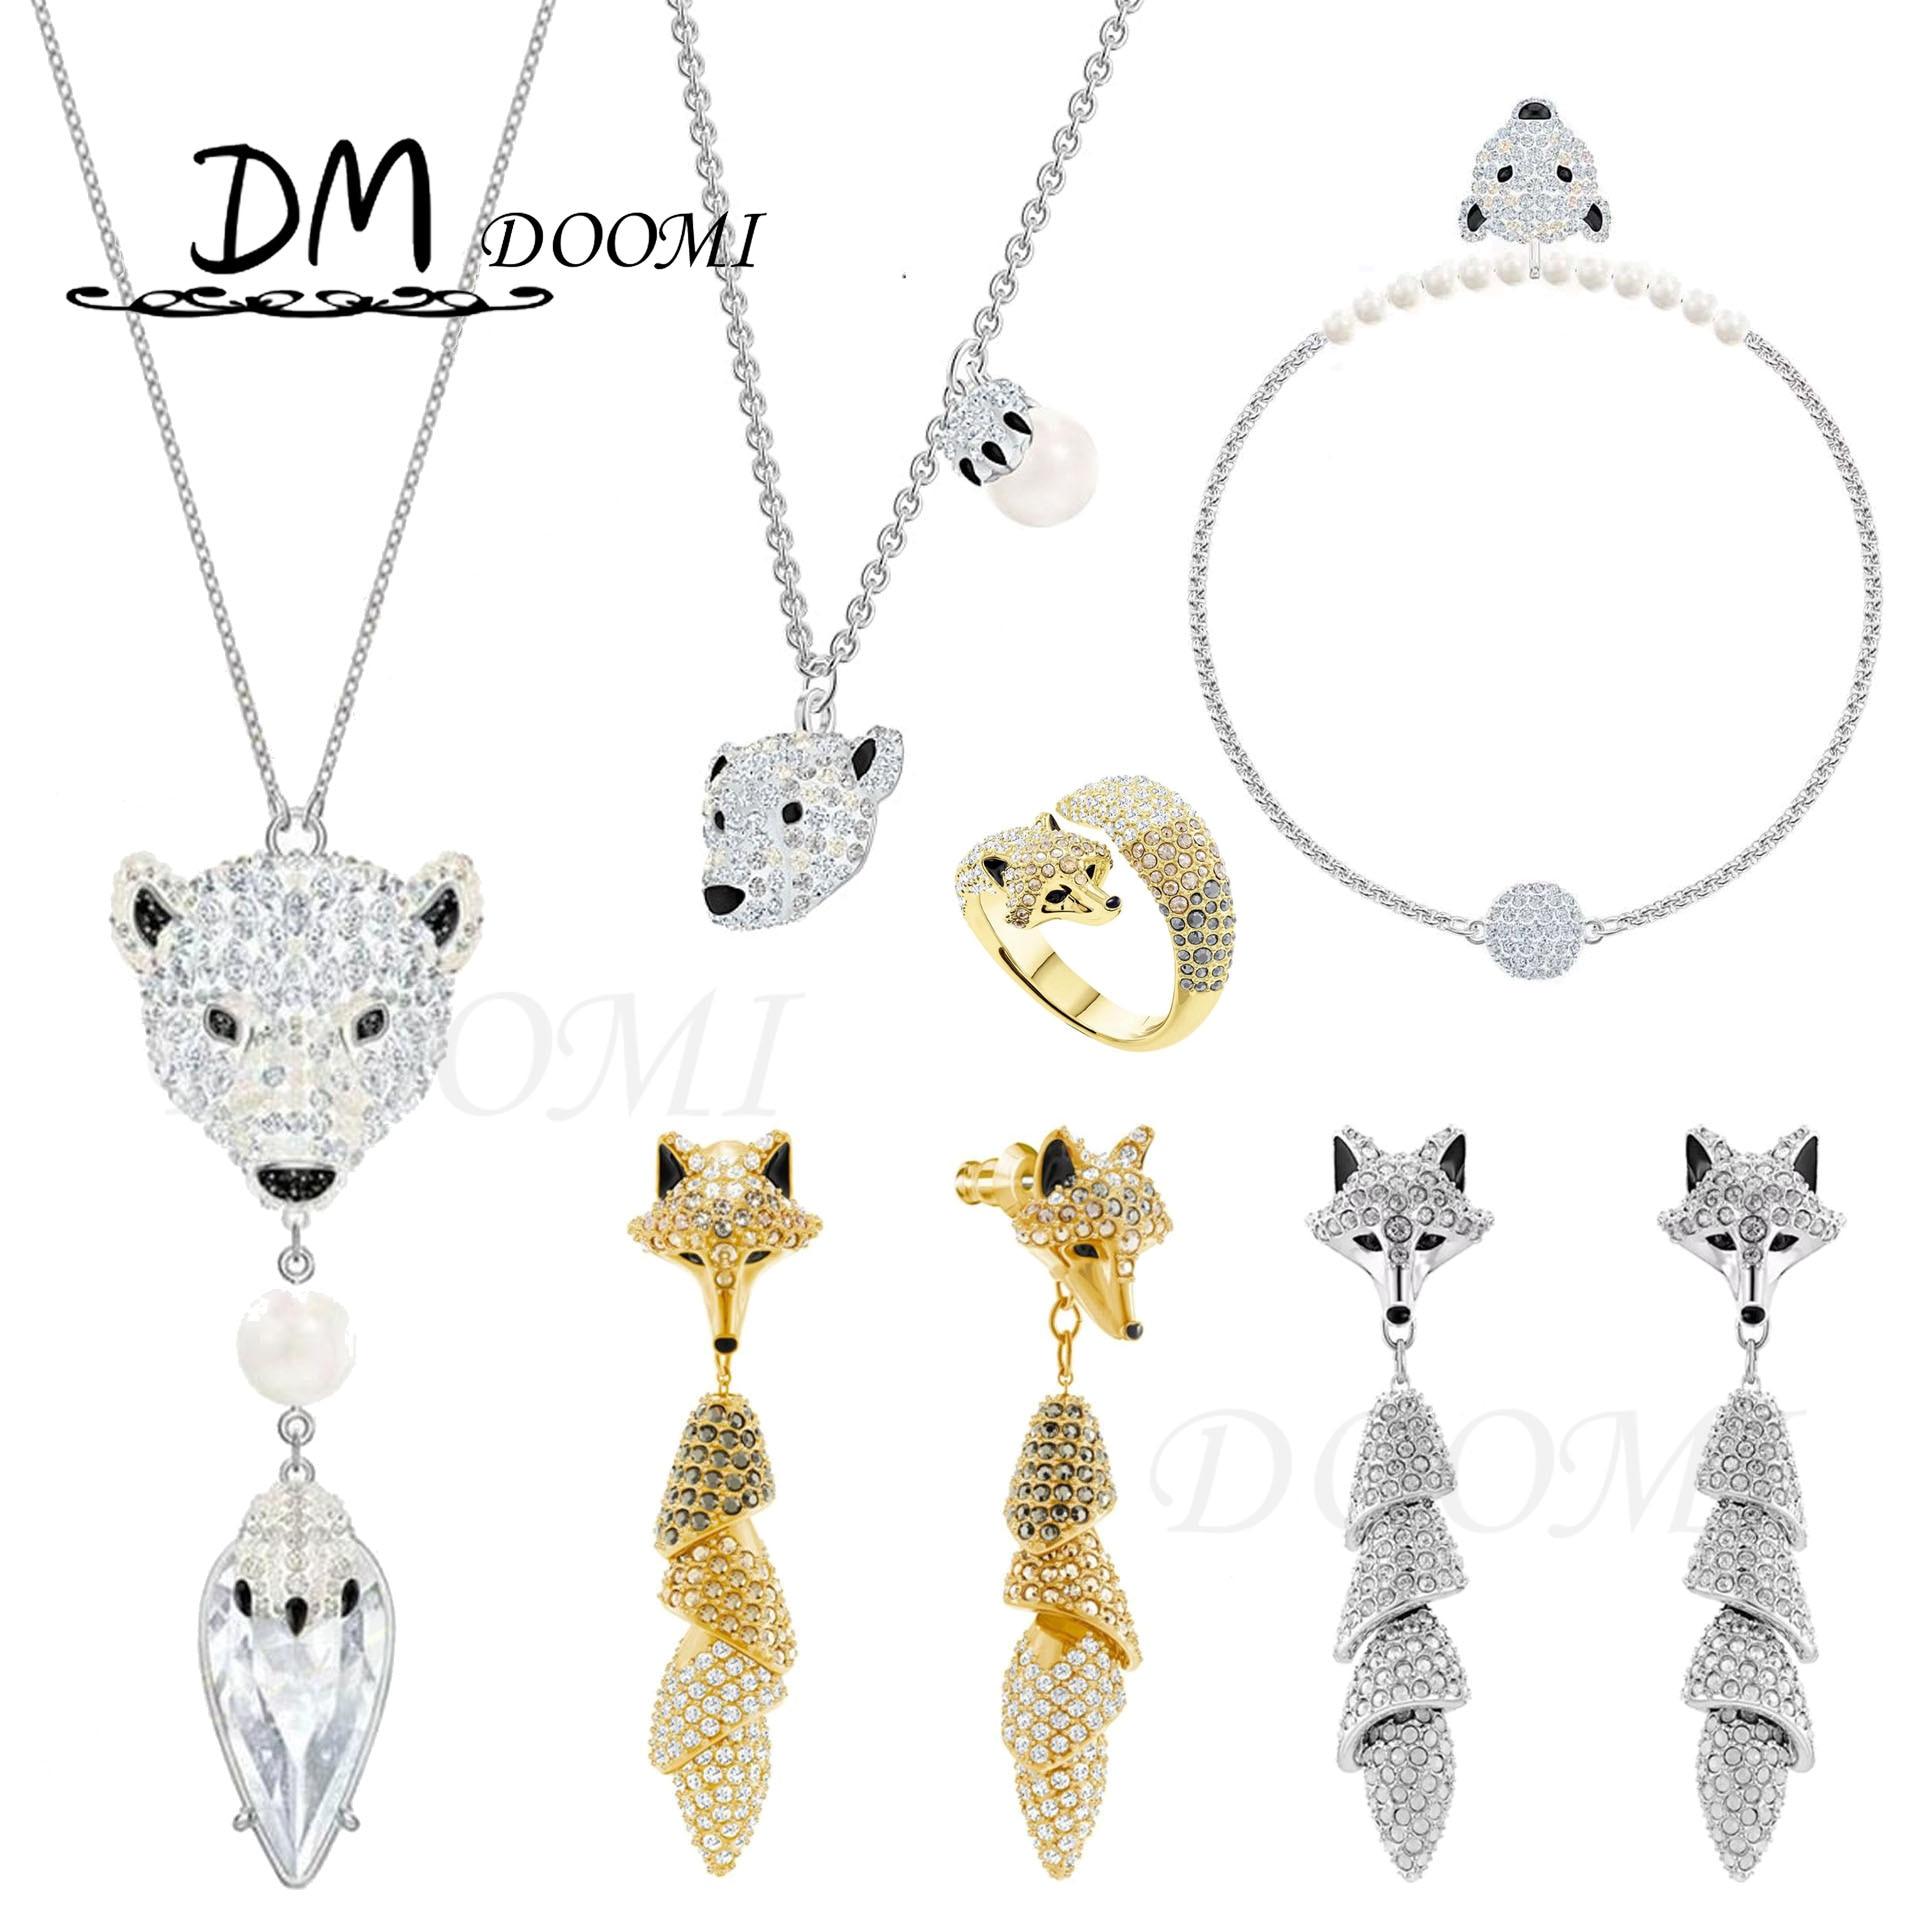 DM модные ювелирные изделия качественные SWA 1:1. Очаровательный изысканный с украшением в виде кристаллов, милые Полар-флиса с рисунком медвед...